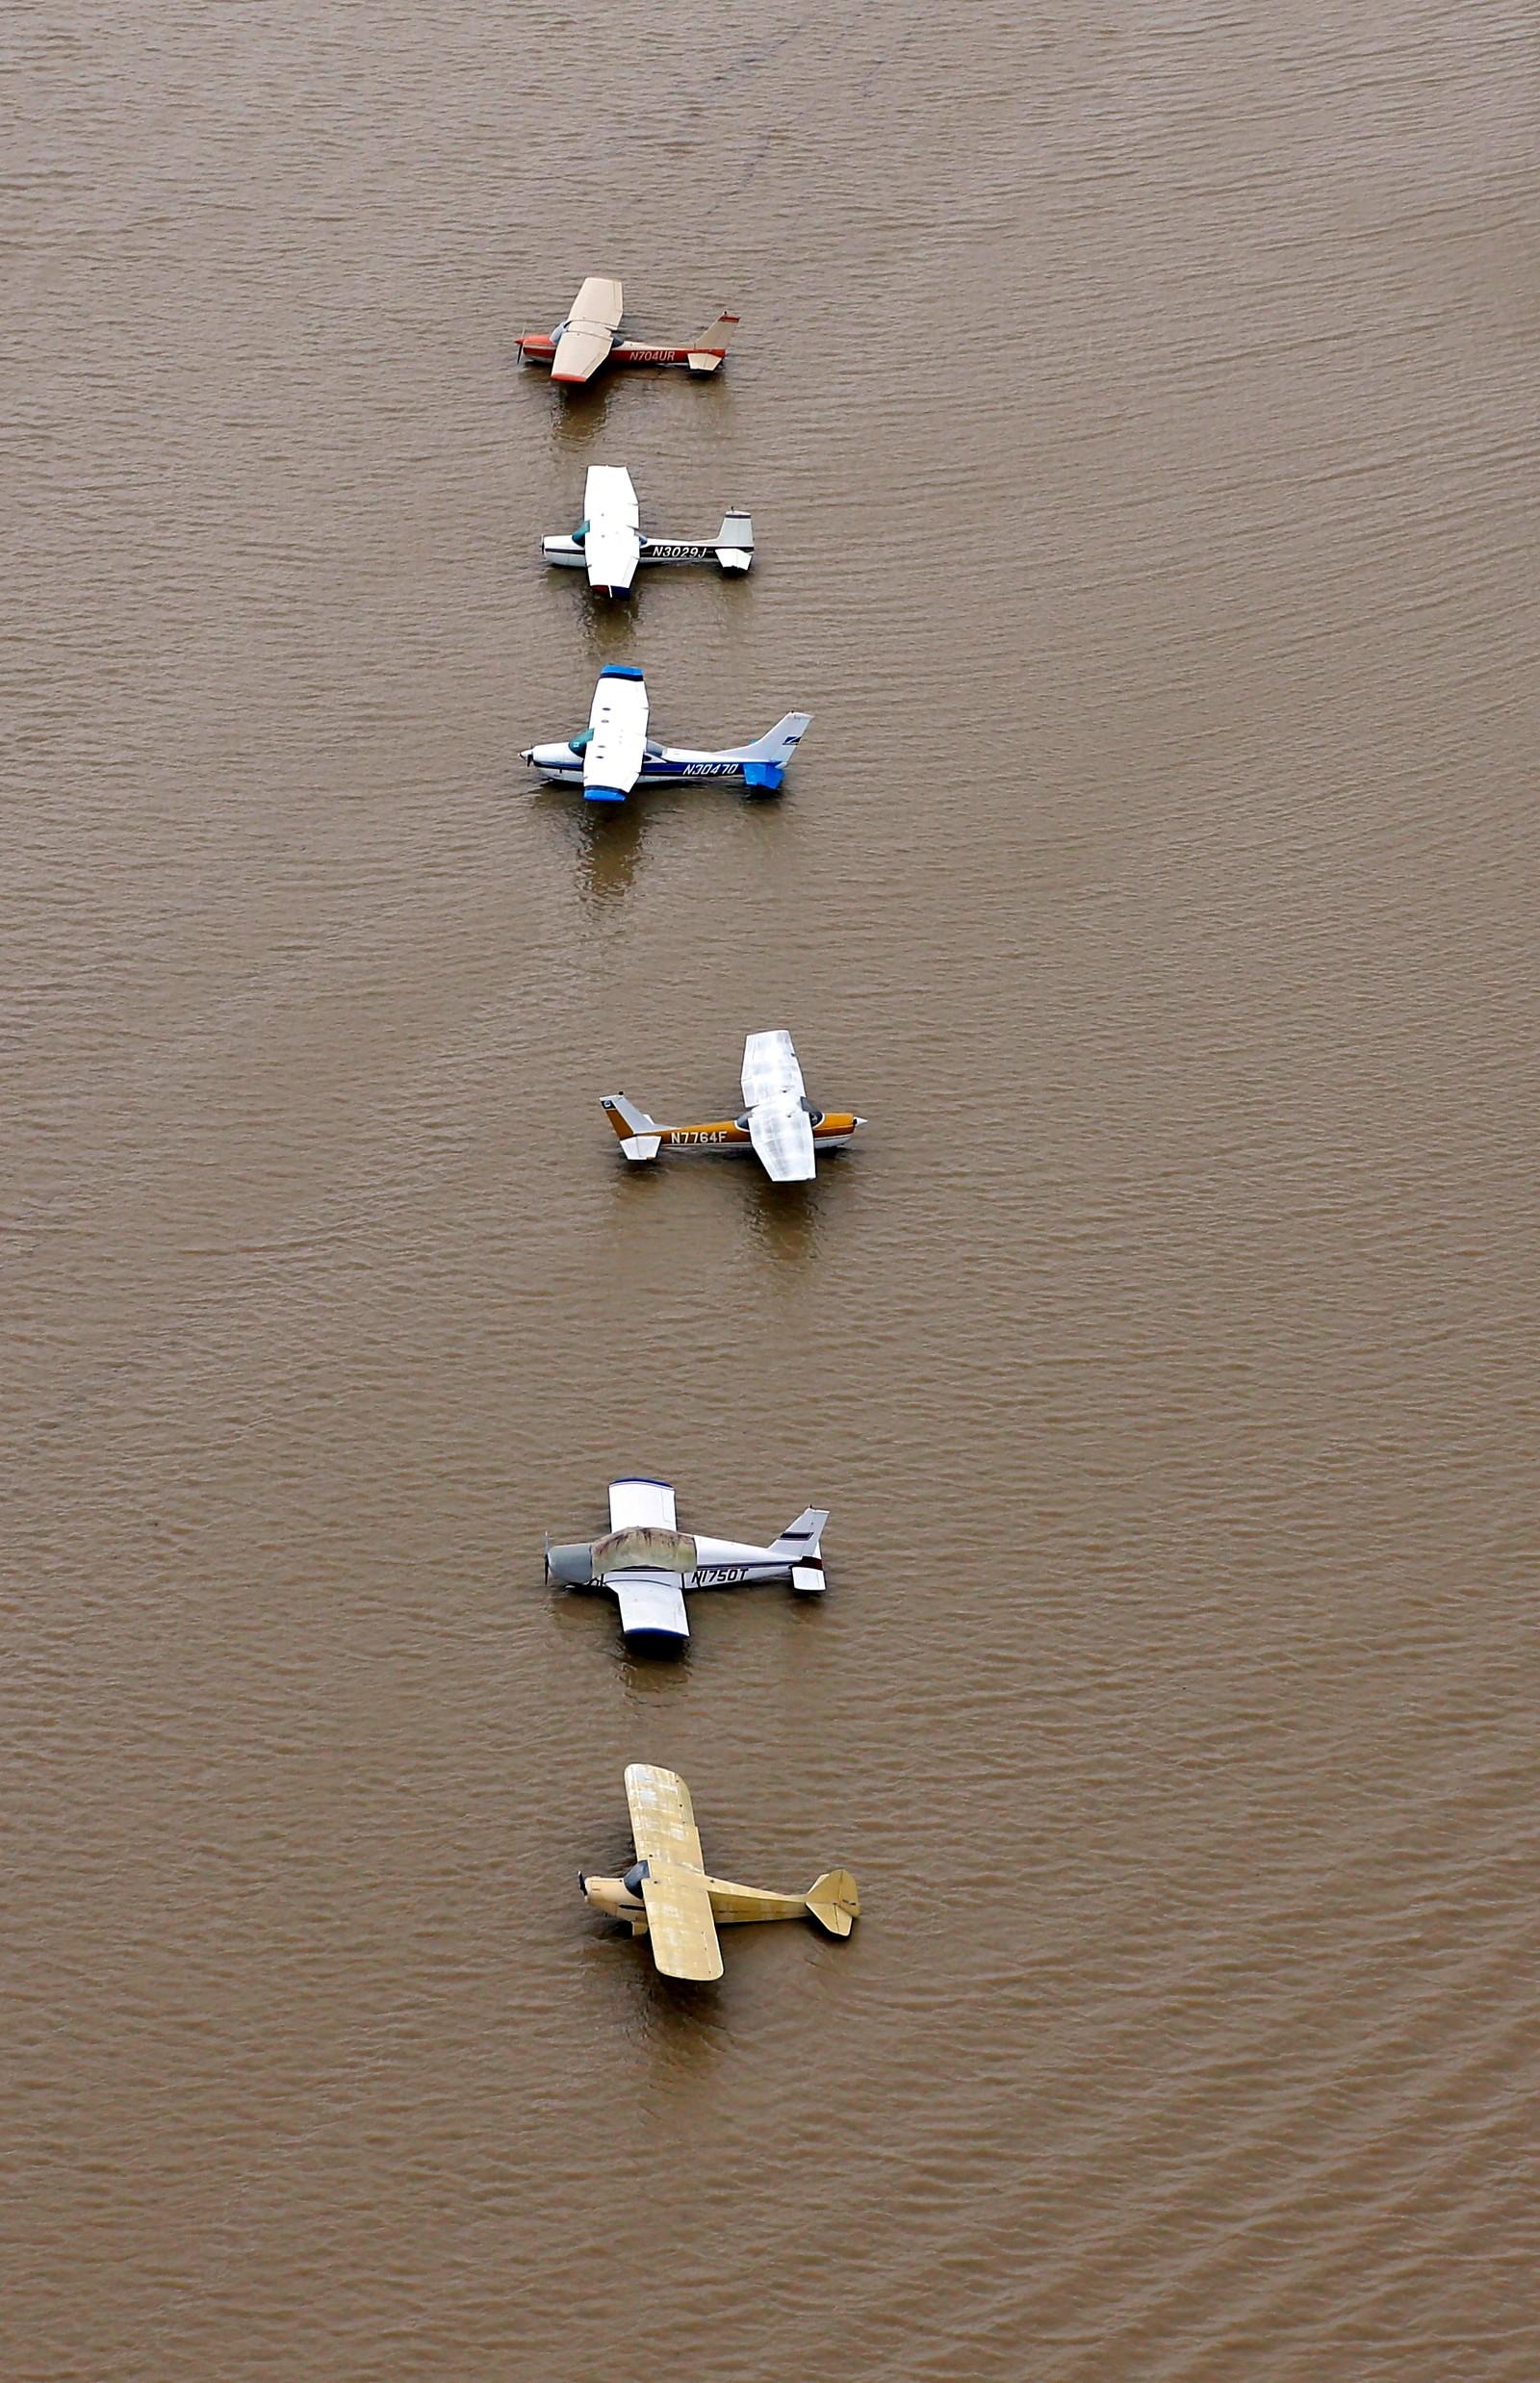 Nei, dette er ikke vannfly. Disse flyene står på en flyplass i Houston. Flommen var forårsaket av orkanen Harvey.